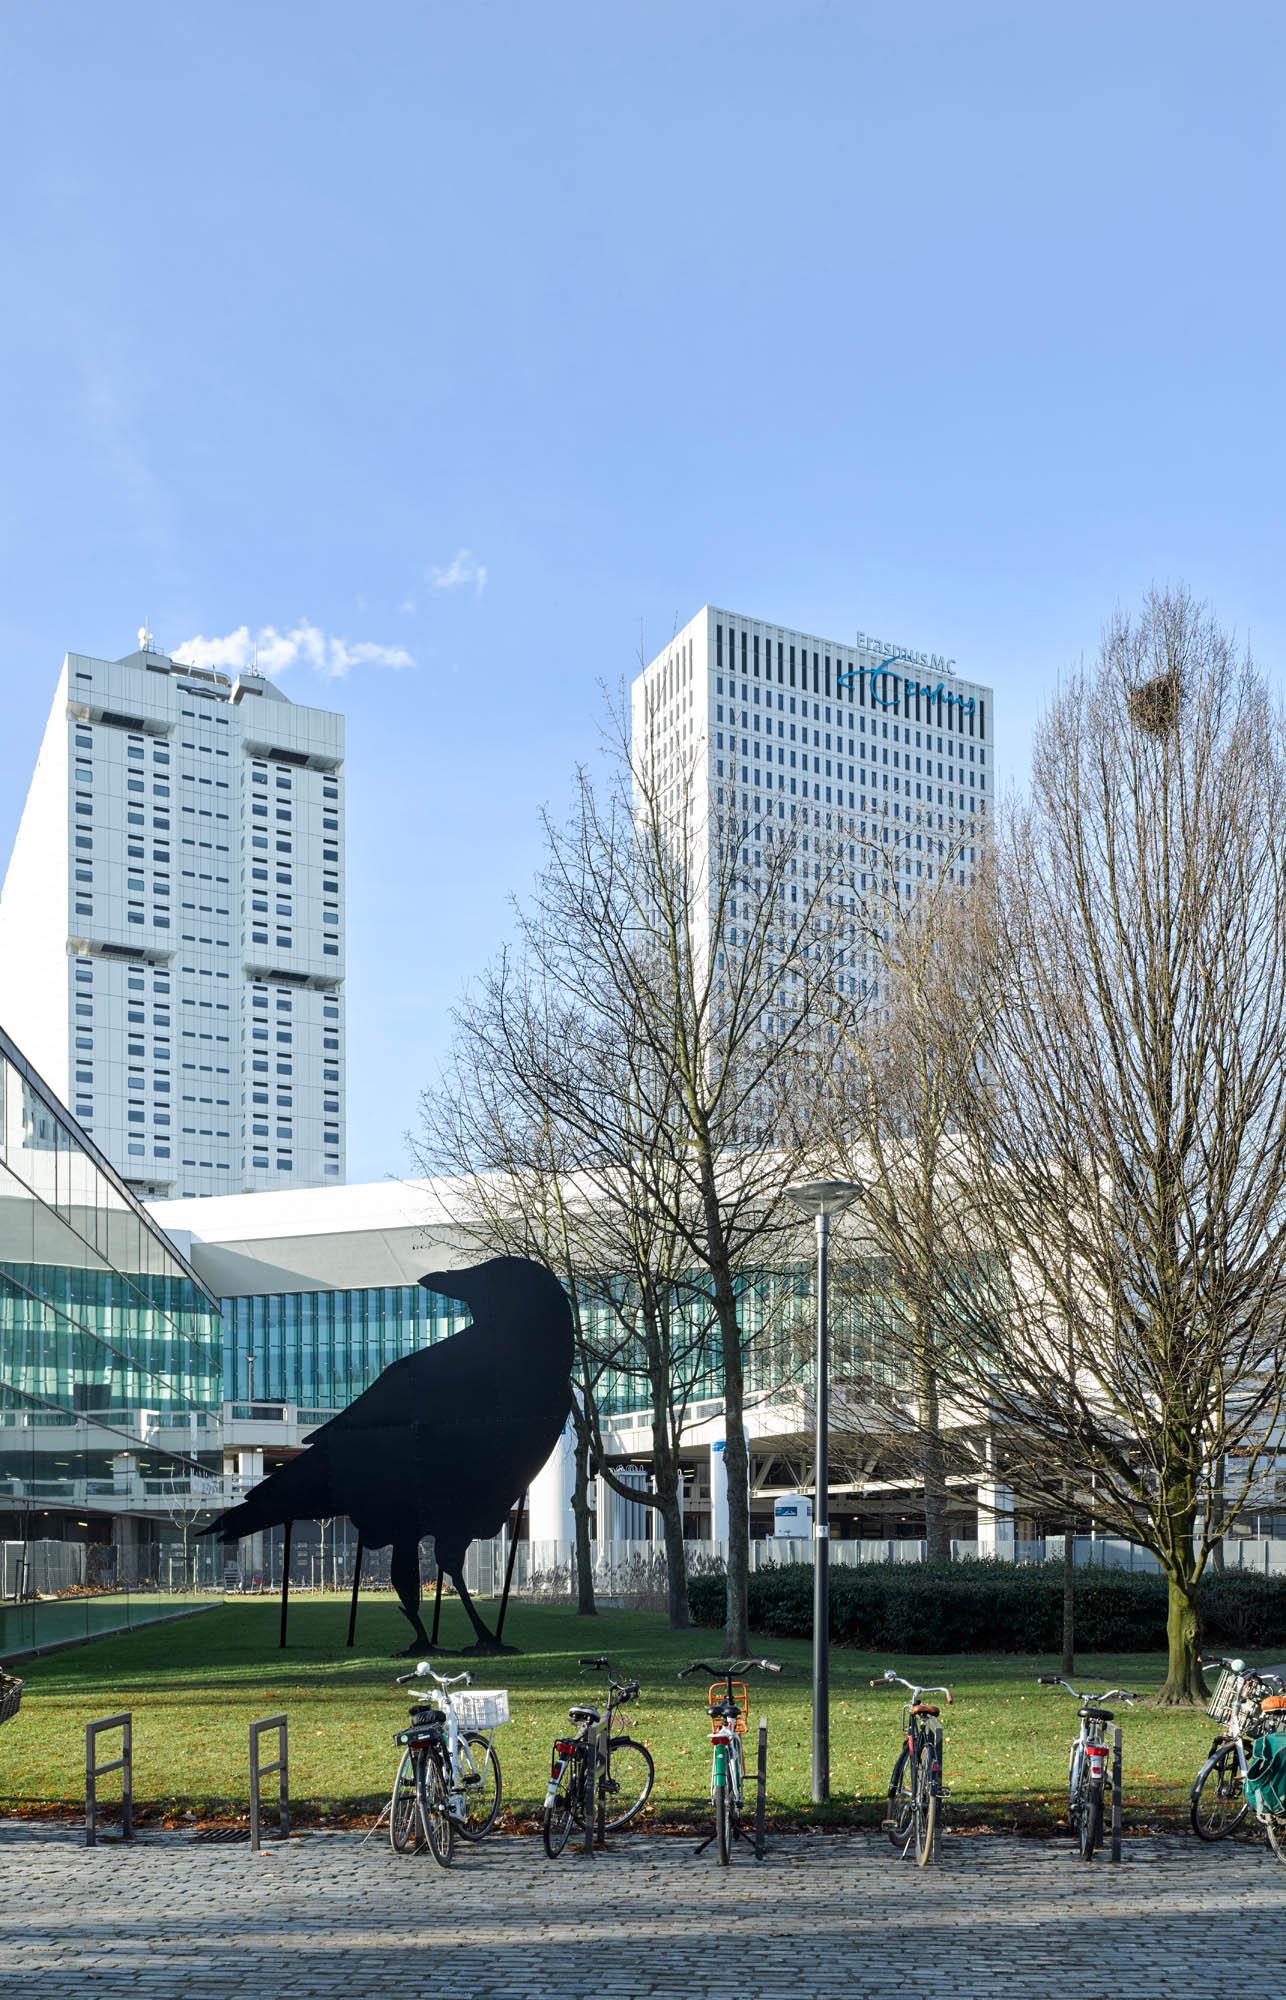 Opp 004750 - Rotterdam: Spielwiese verrückter Architektur von Weltruf